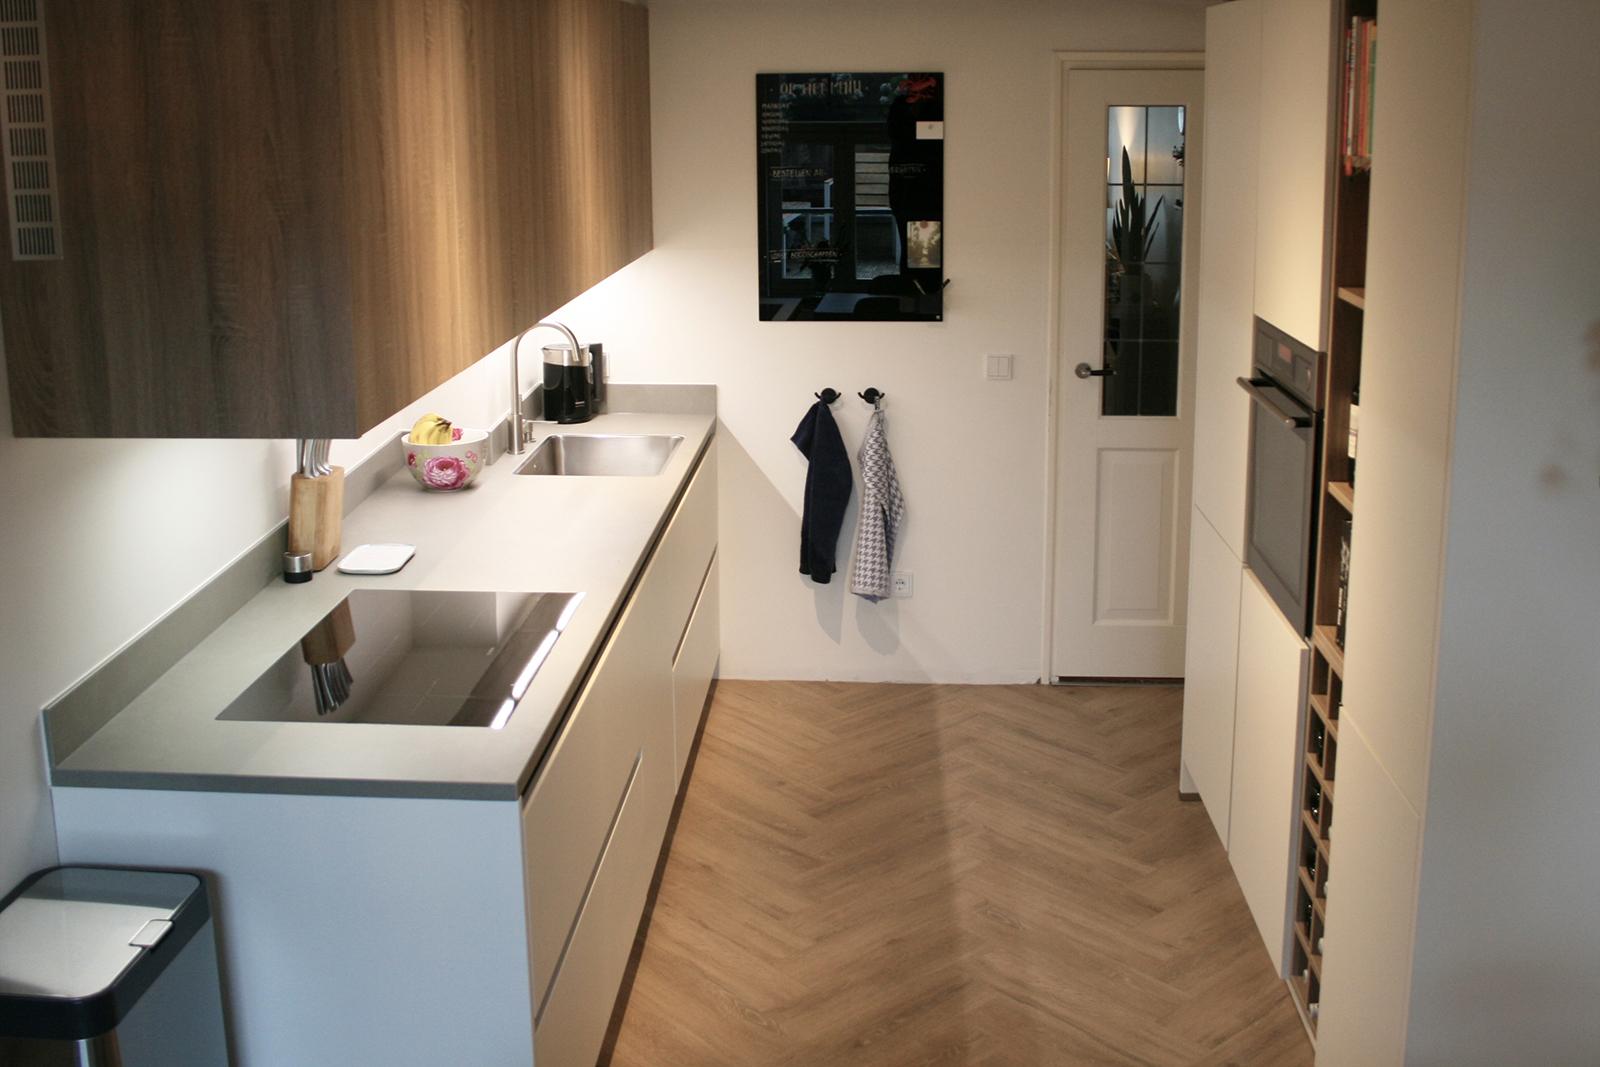 Keuken Design Maastricht : Maatwerk keuken in maastricht al dente keukens maastricht